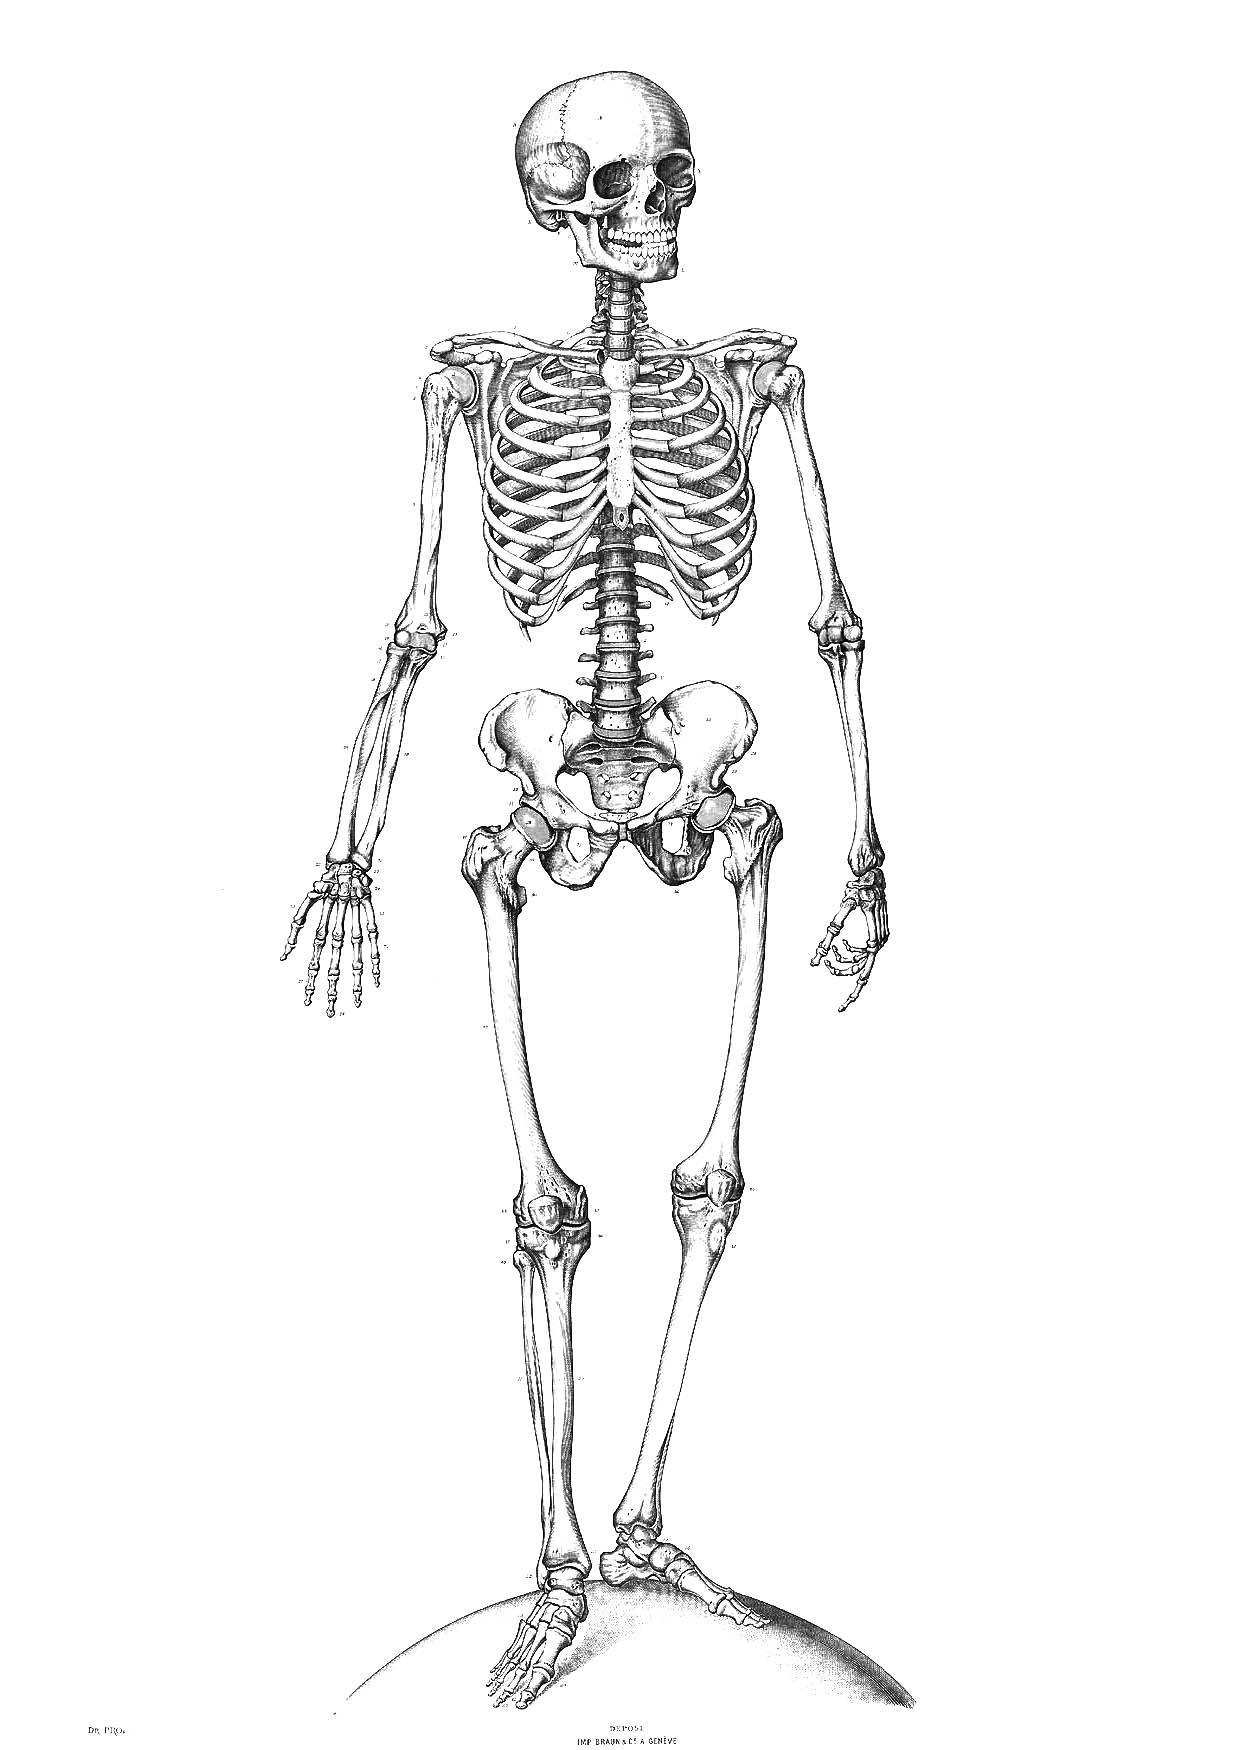 Malvorlage Skelett - Kostenlose Ausmalbilder Zum Ausdrucken. mit Skelett Ausdrucken